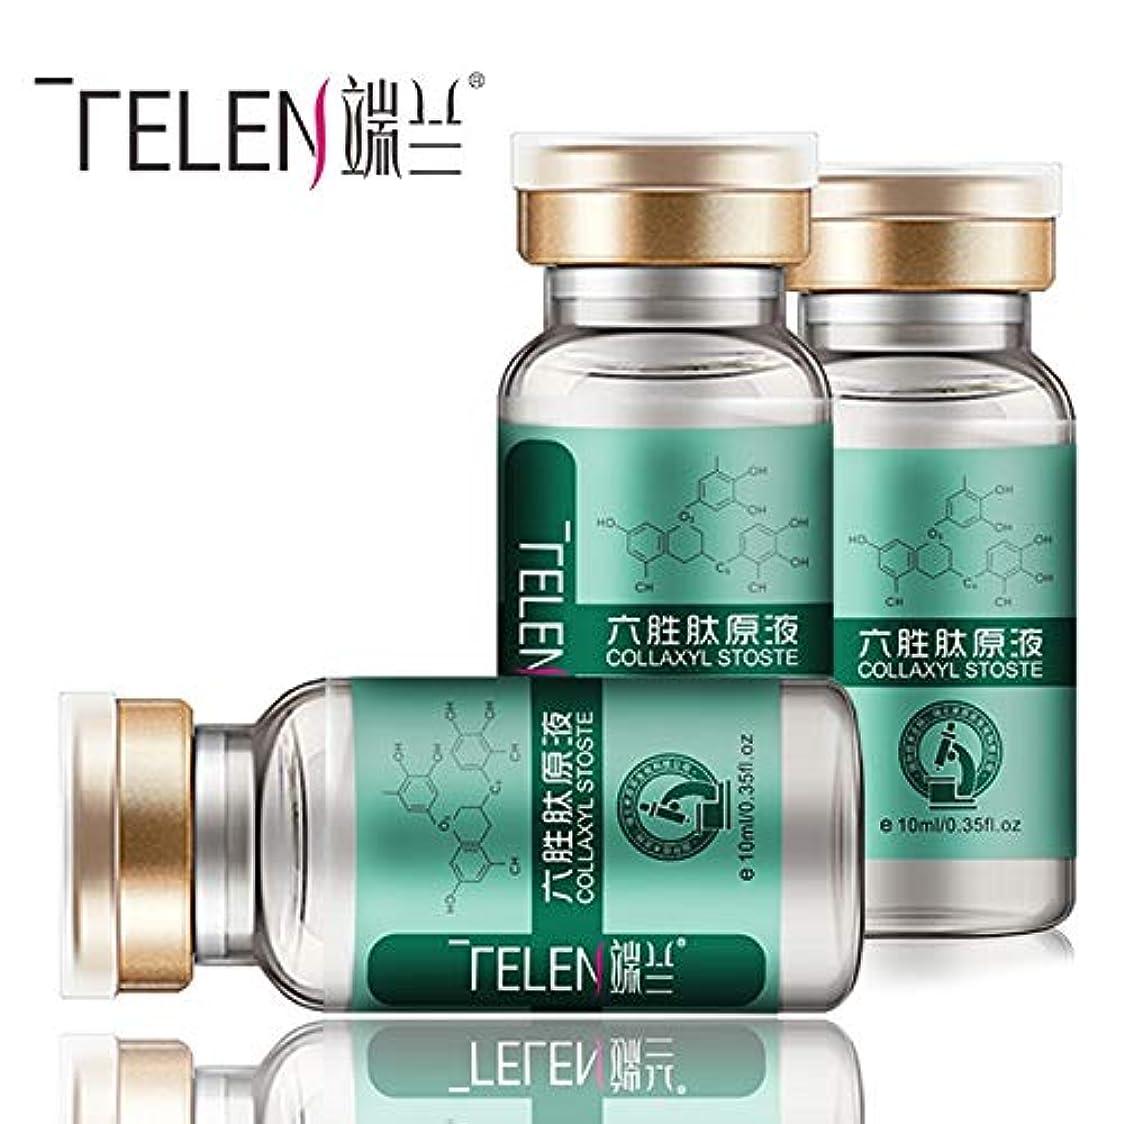 容器選挙症候群TELEN10ml六ペプチドアンチリンクルクリームコラーゲンリジュ顔ケアフェイスクリームが瞬時にAgelesリフト